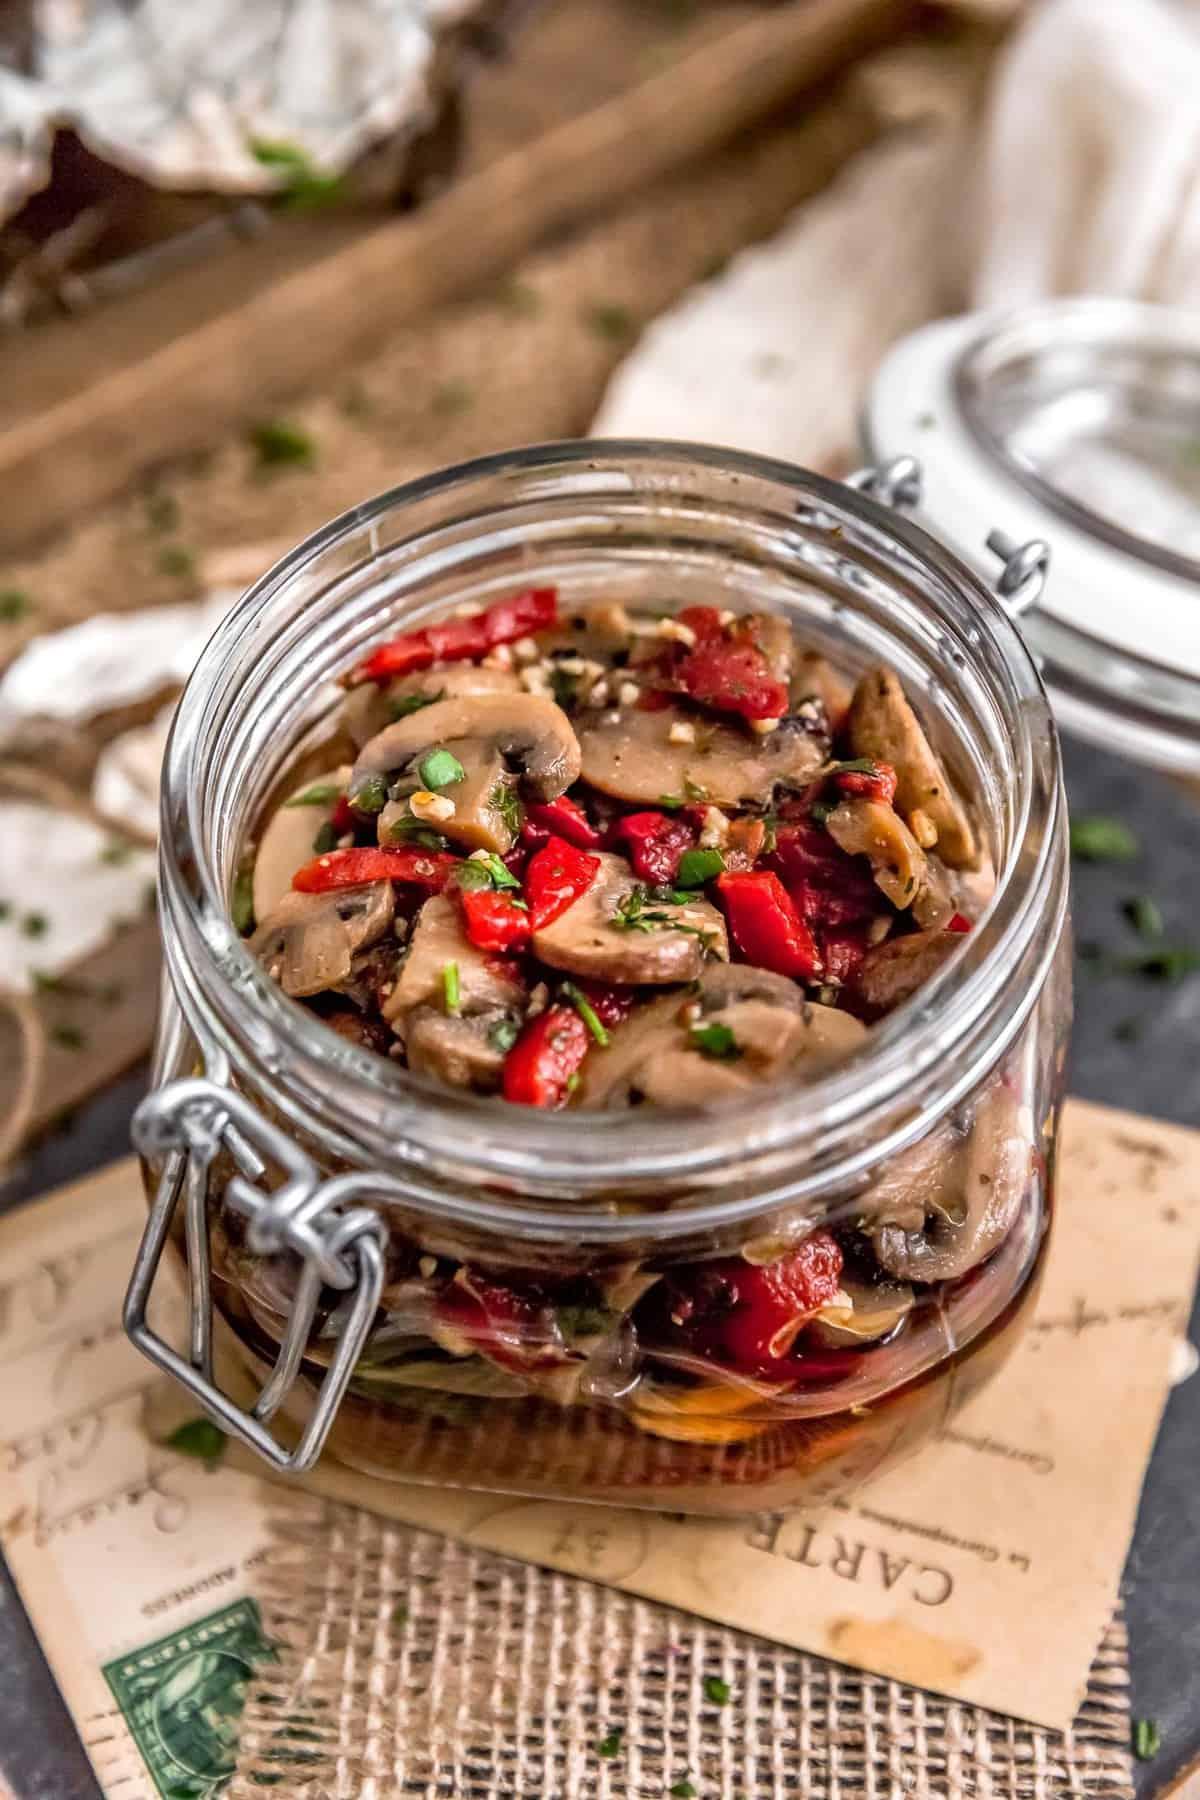 Deli-Style Marinated Mushroom Salad